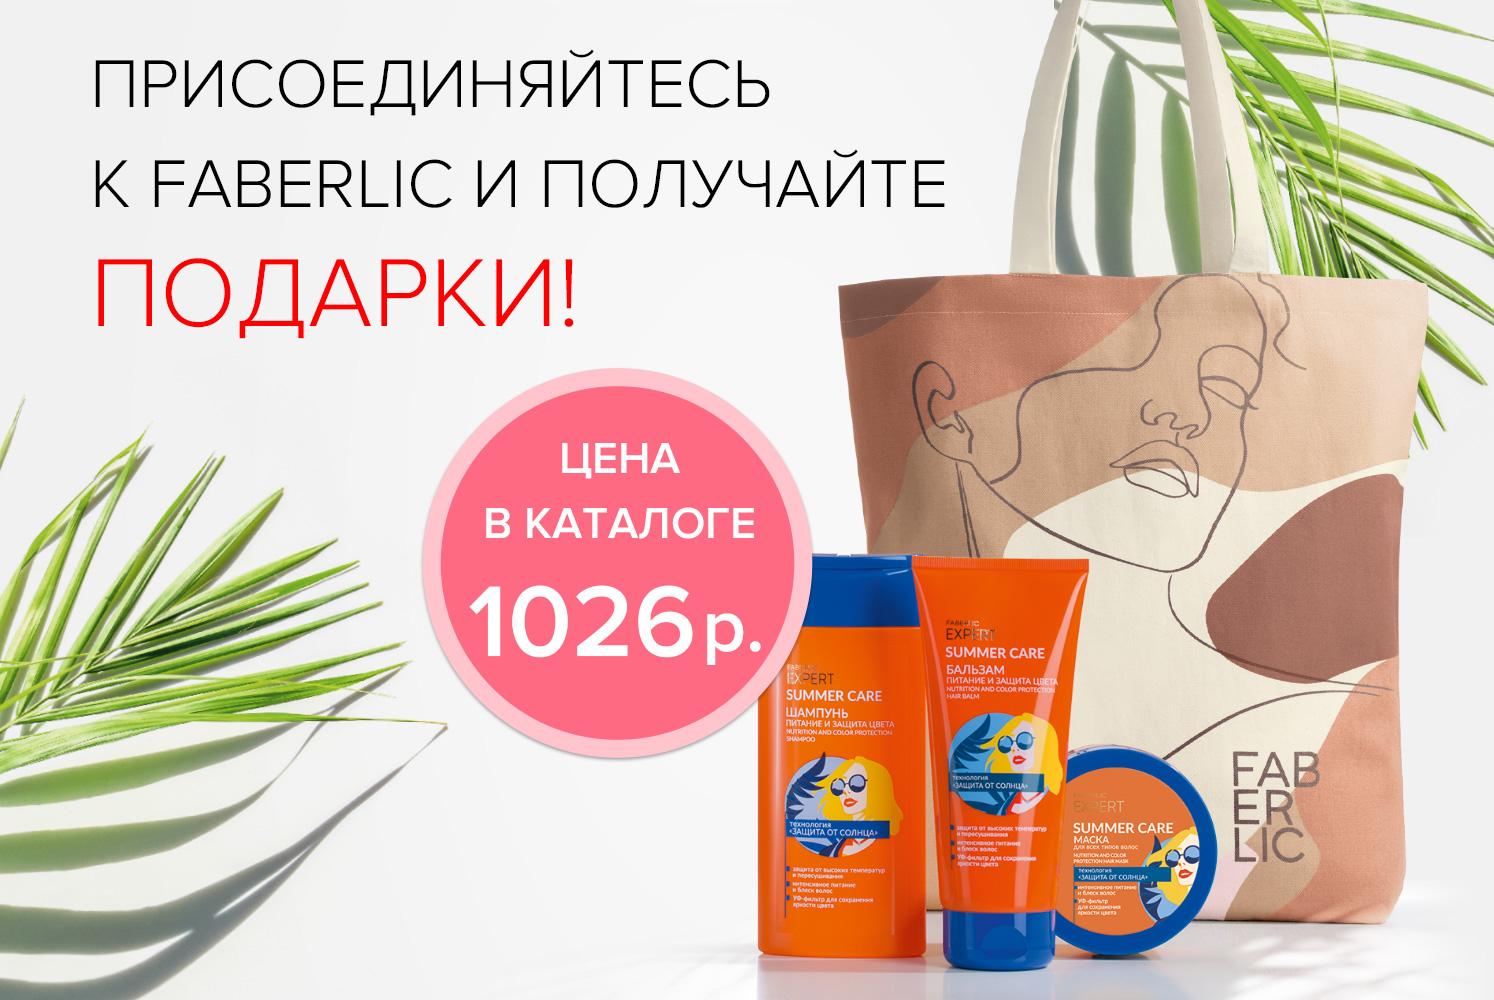 460х265-новость_copy_copy[1]